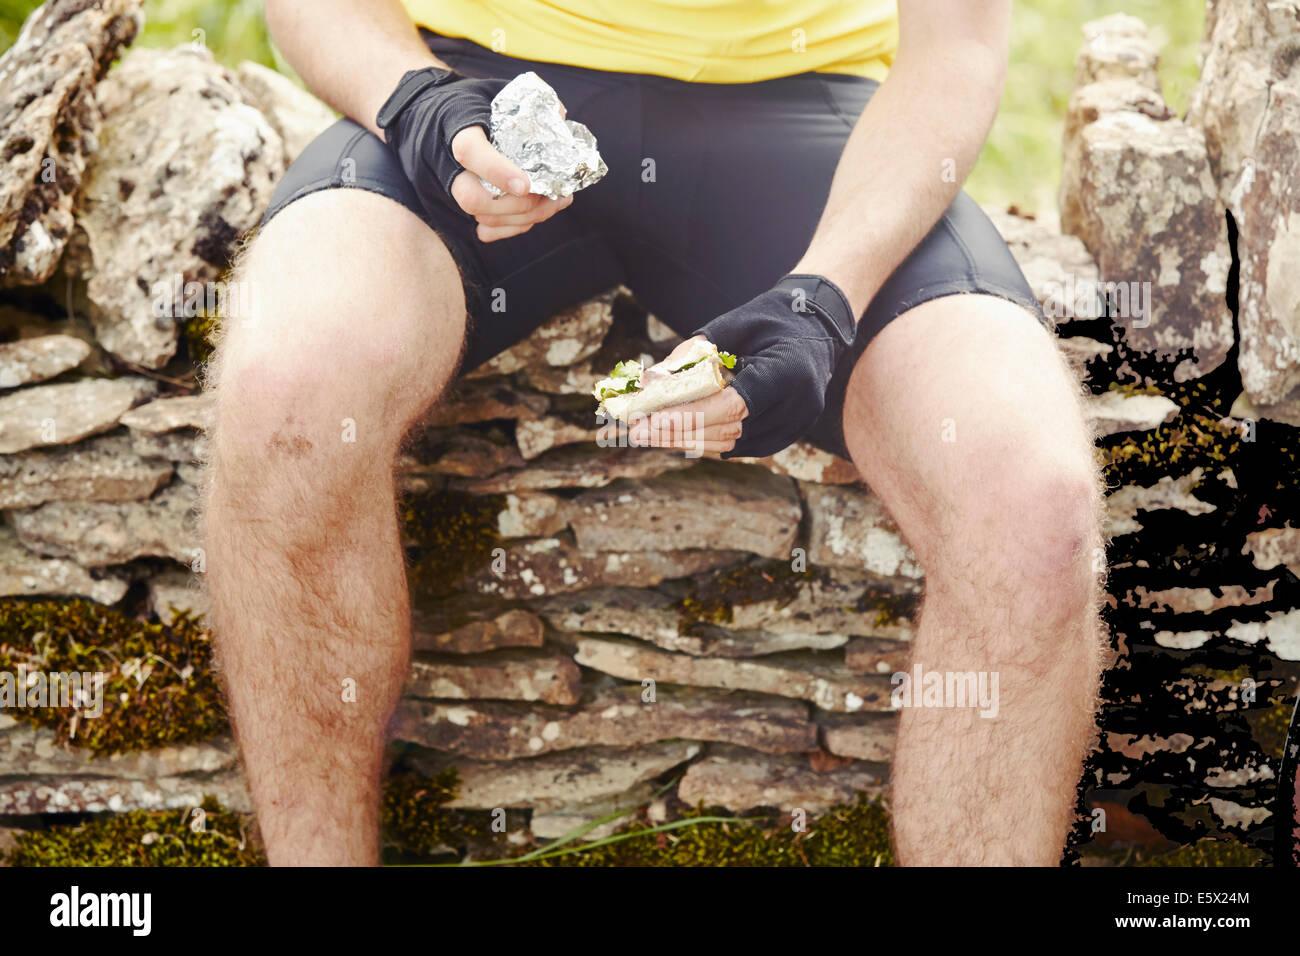 Ciclista sentado sobre el muro de piedra, mantenga sandwich Imagen De Stock